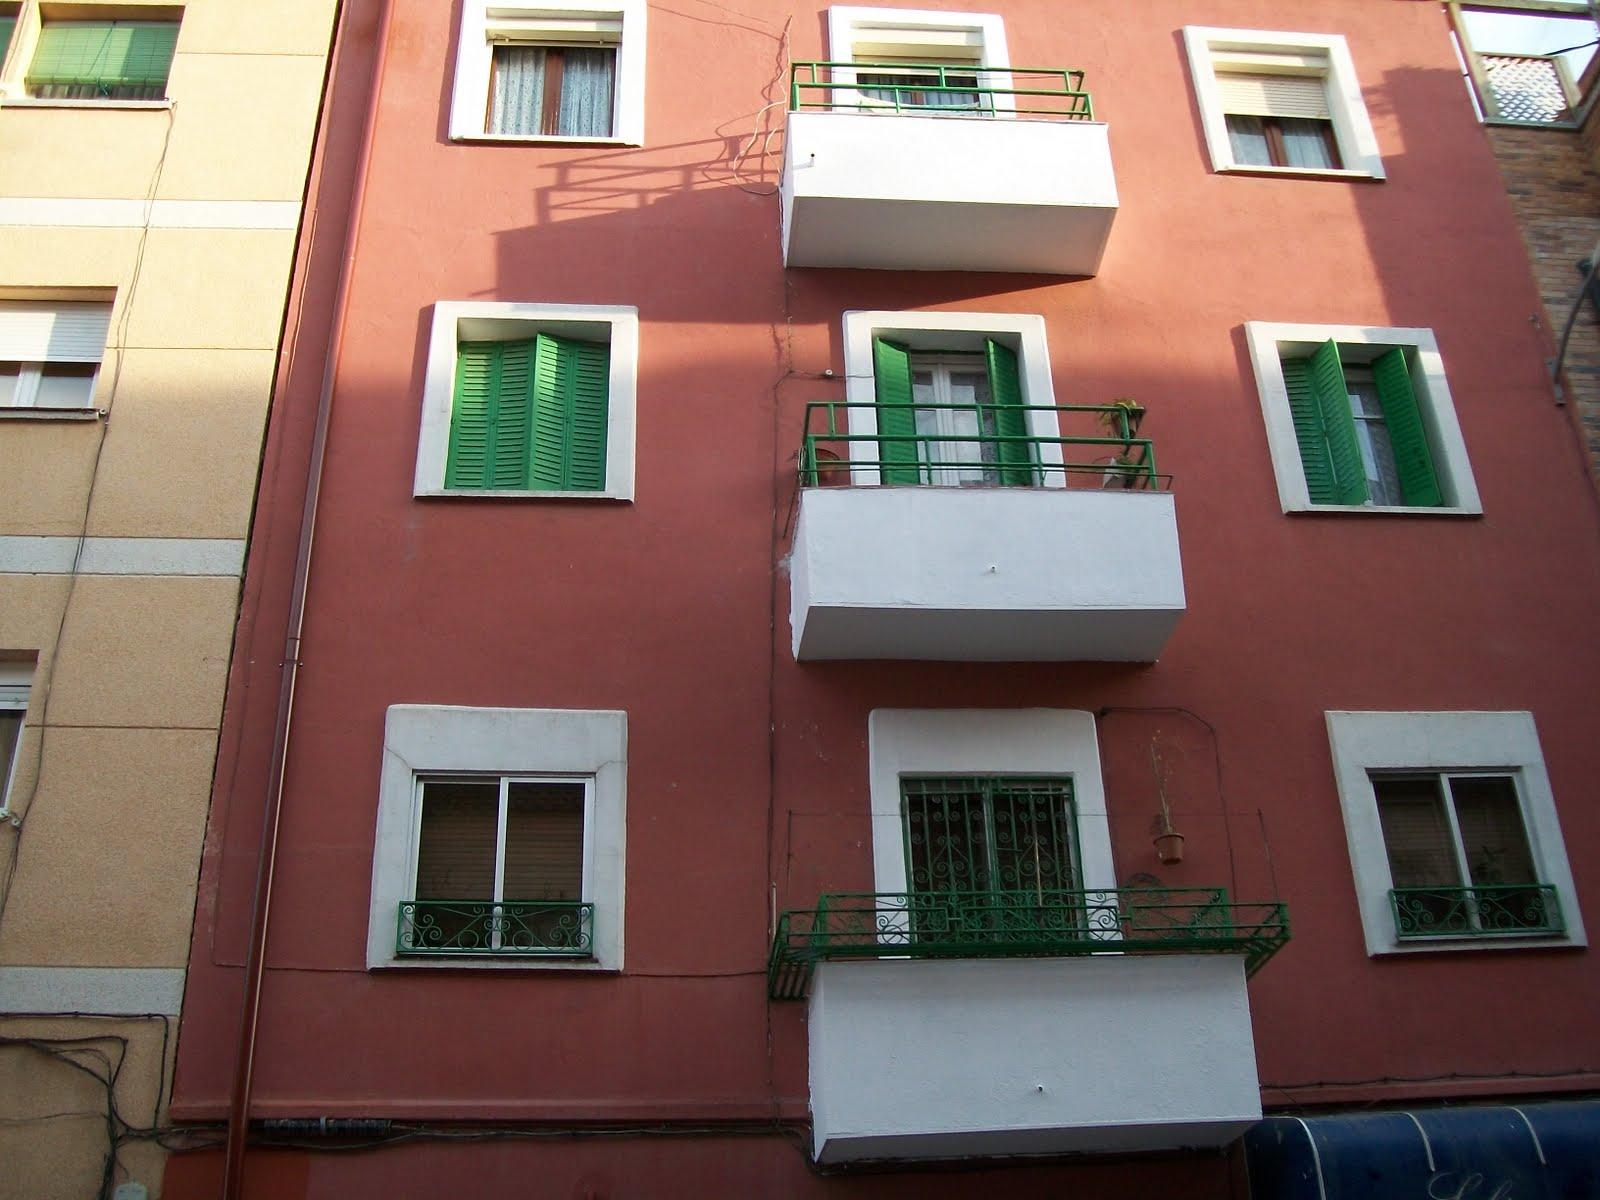 Pintura en fachadas pintar por trabajos en vertical - Como pintar fachadas de casas ...